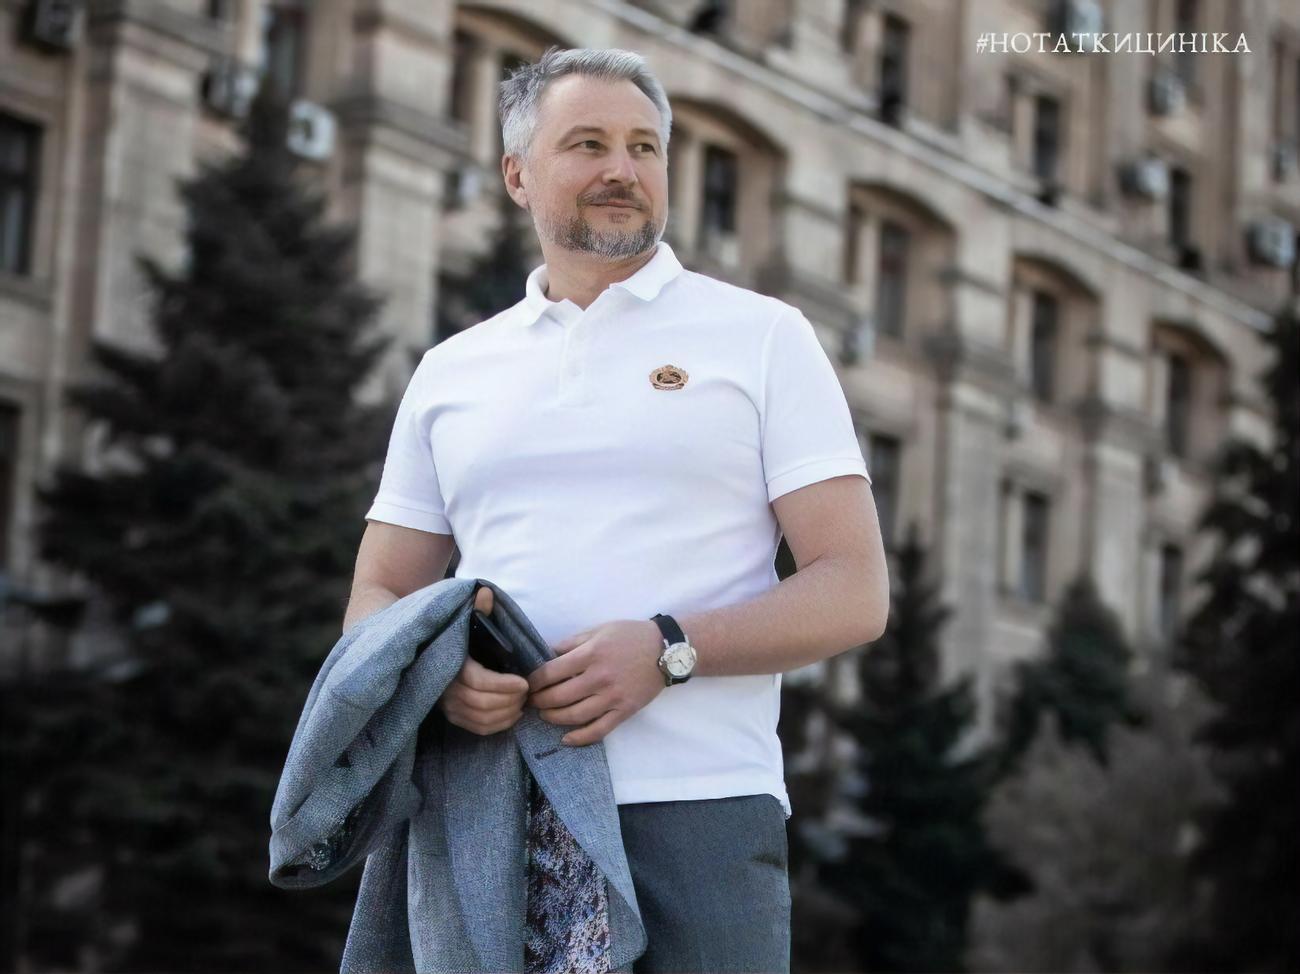 Адвокат: Если посчитать расходы, то «заробитчане» в Украине могут получать не меньше, а то и больше, чем за границей